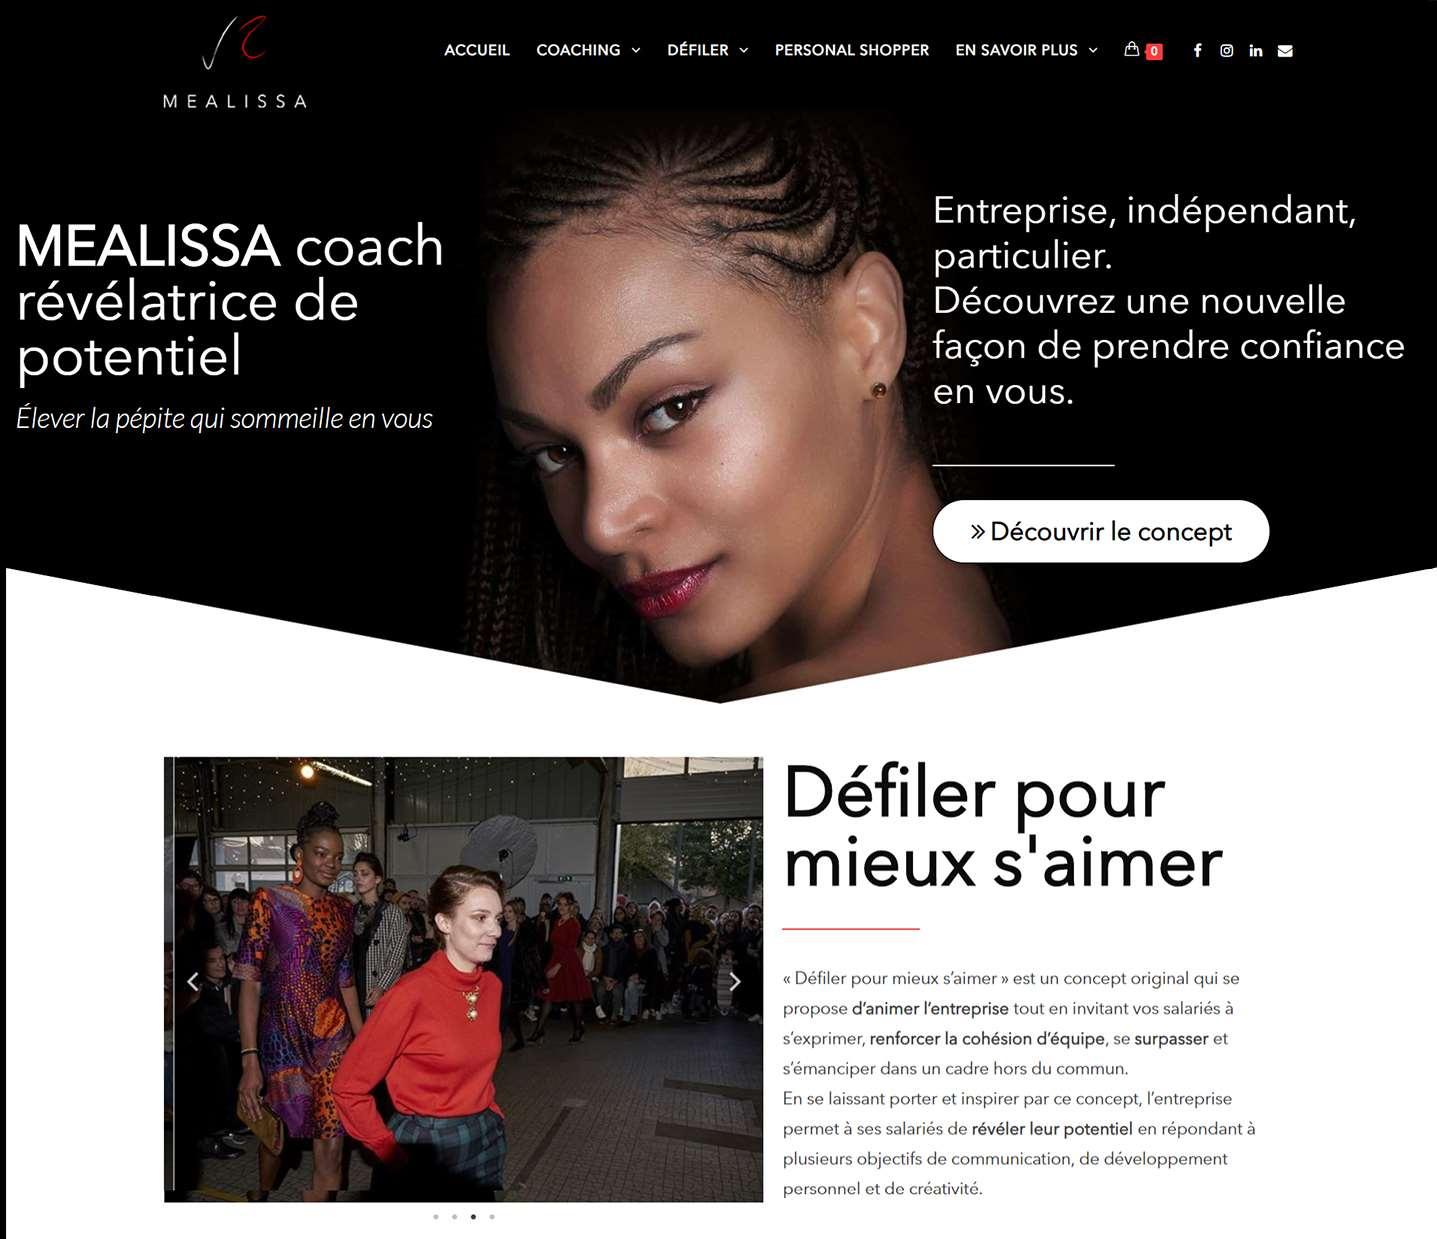 Mealissa-coach révélatrice de potentiel site professionnel graphiste nantes lovinsky